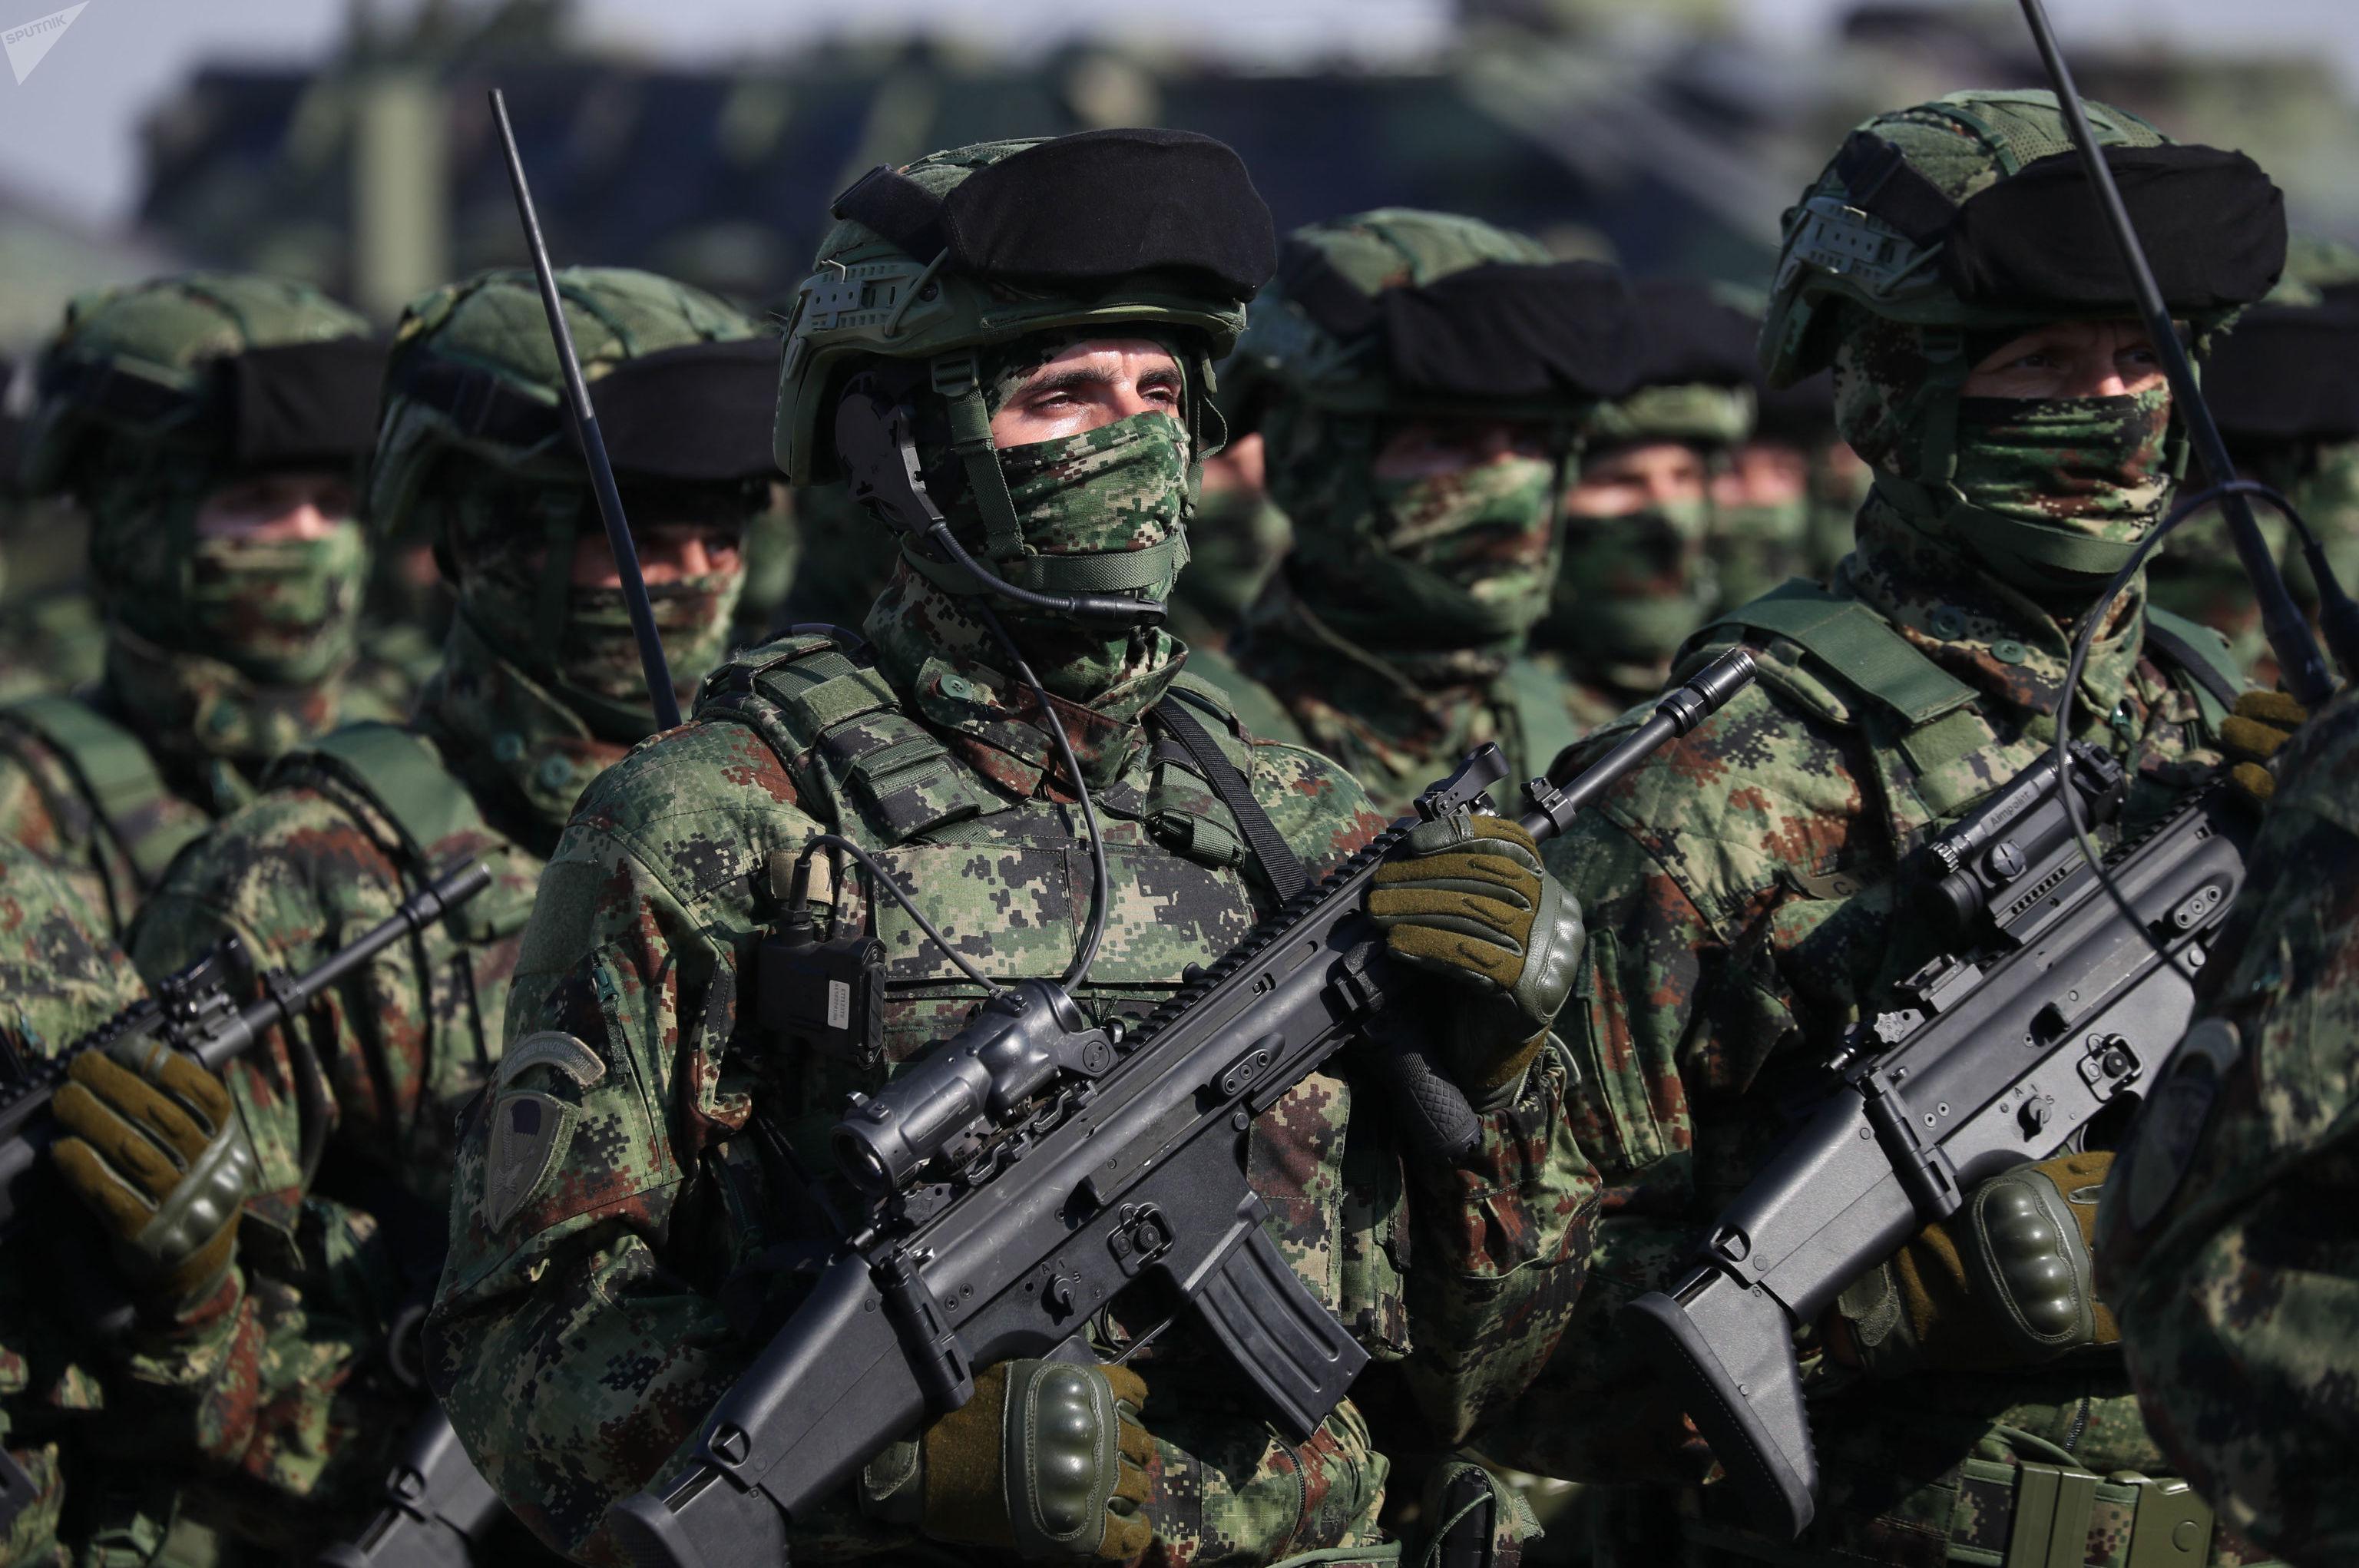 Soldados sérvios durante exercícios Liberdade 2019, em aeródromo próximo a Belgrado, em 19 de outubro de 2019